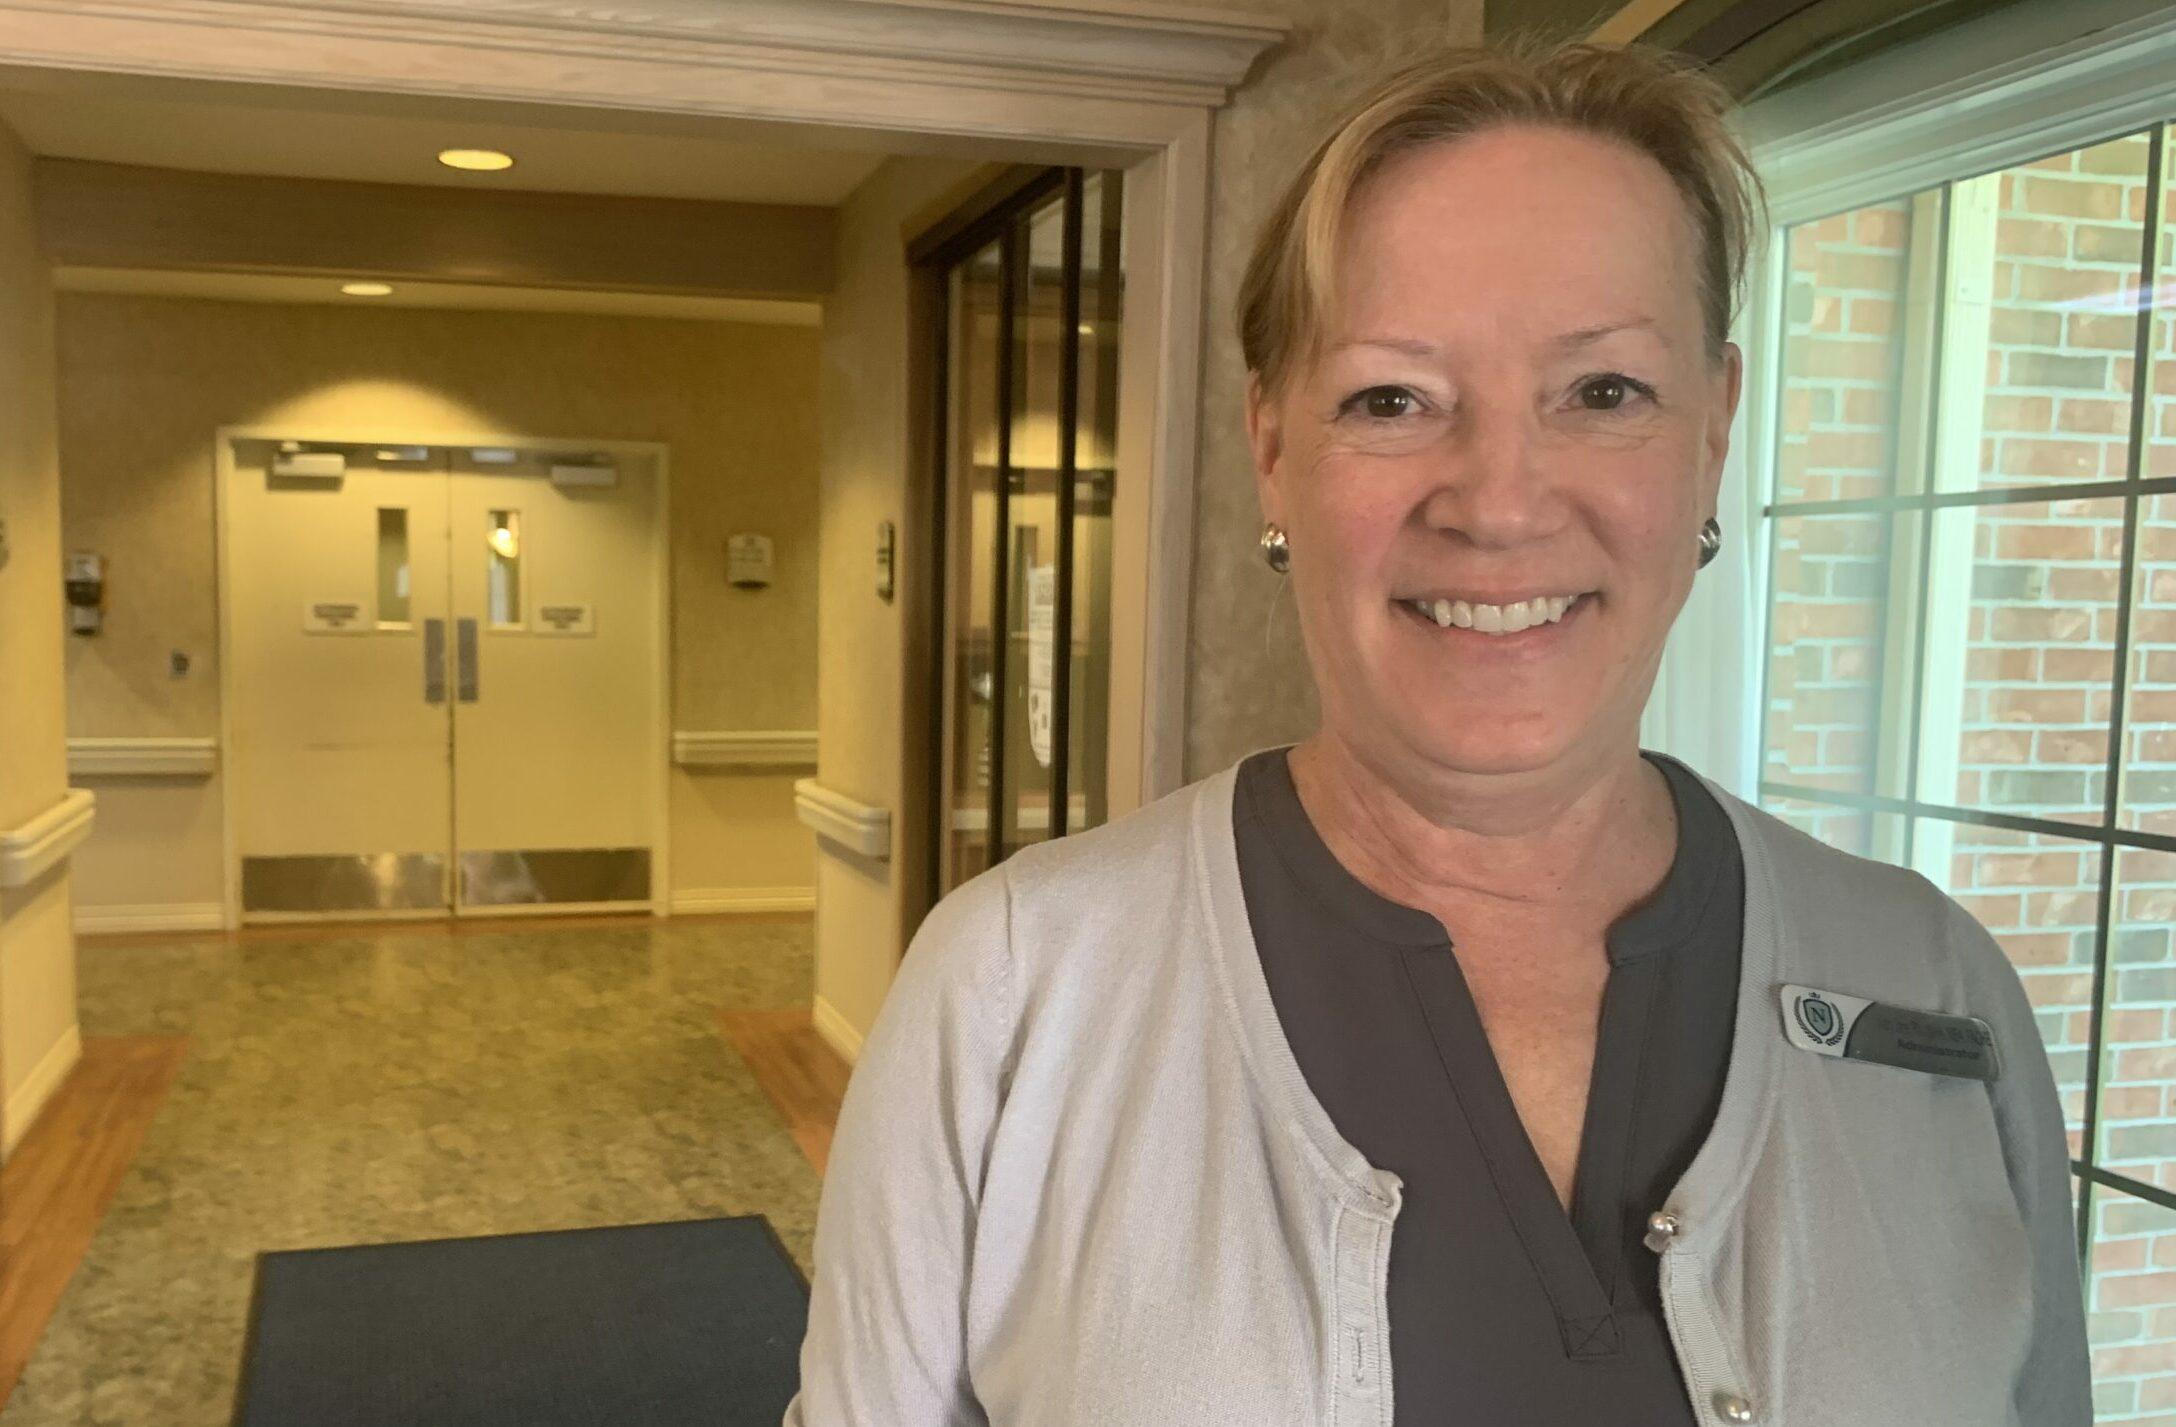 Nursing-home administrator